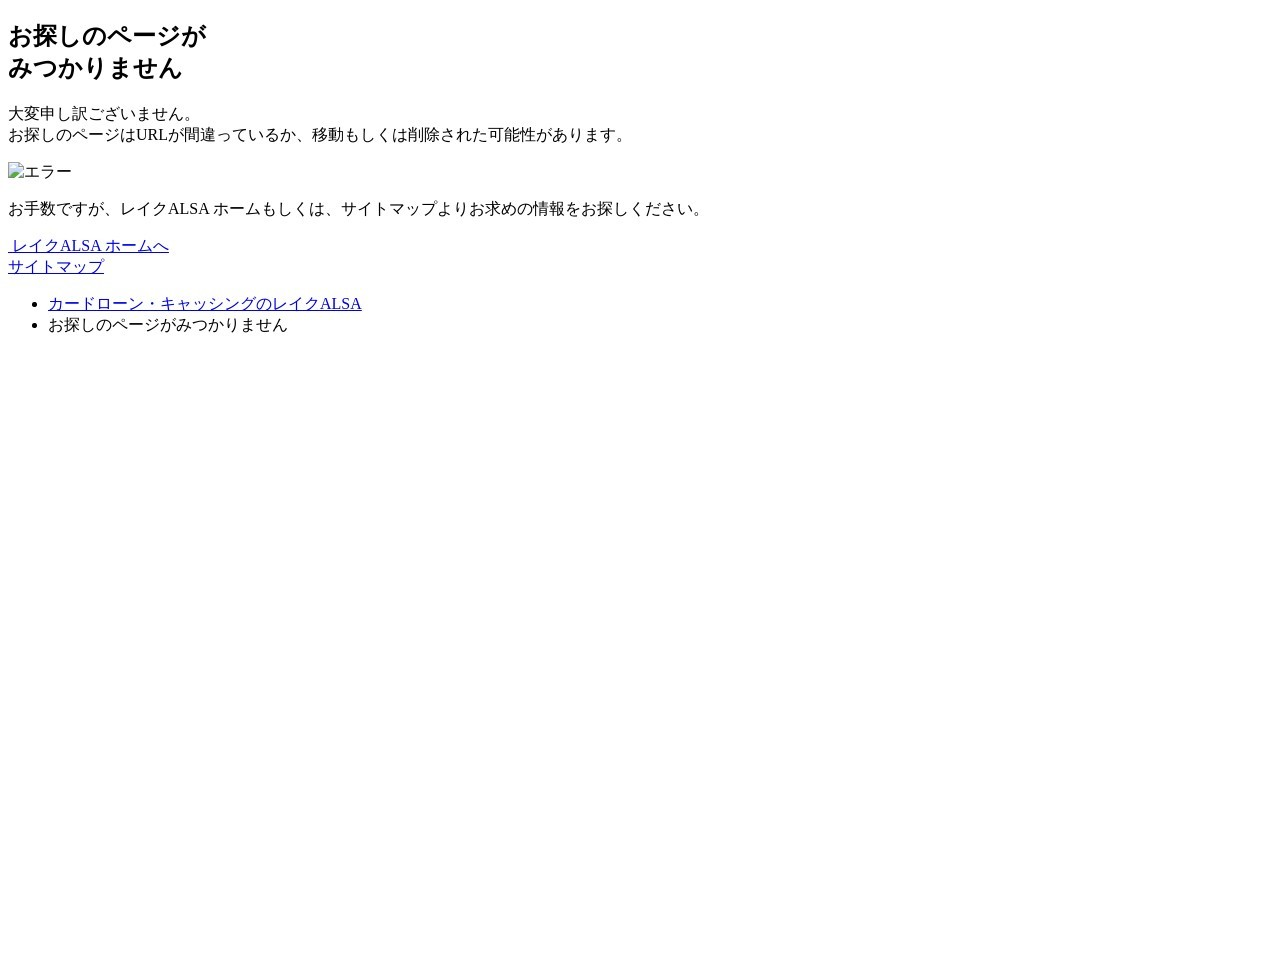 レイクALSA 10号中津自動契約コーナー大分県 レイクALSA